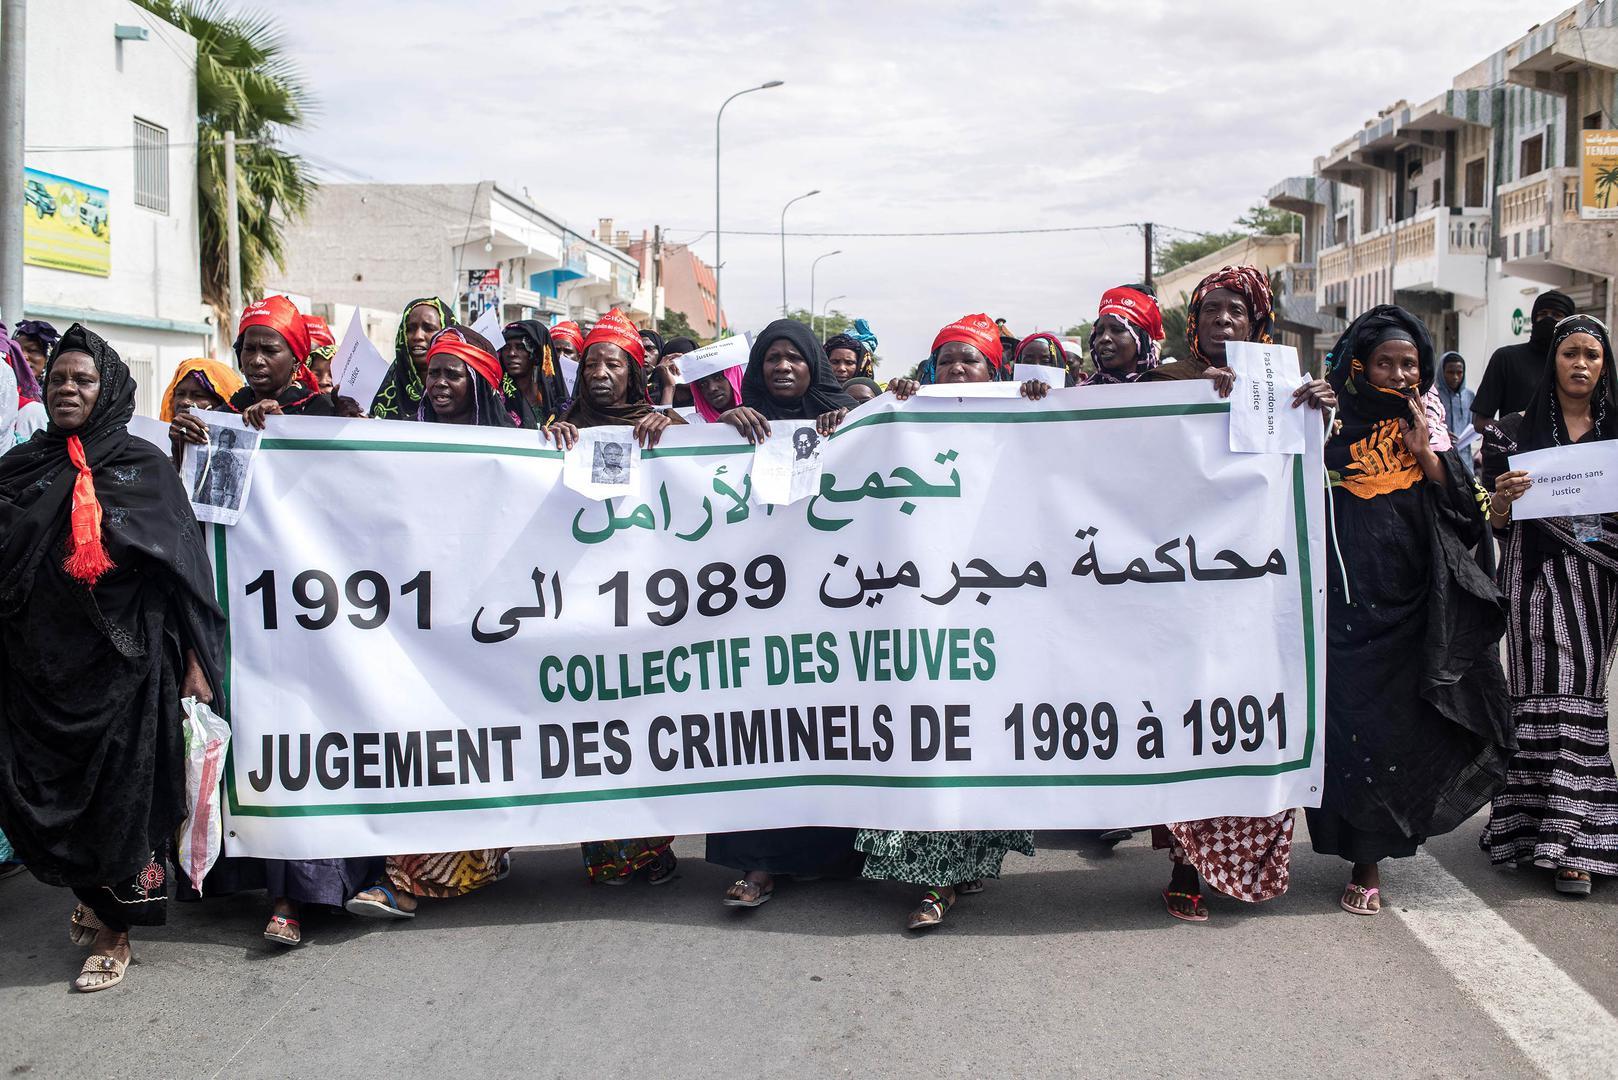 تظاهرة سابقة لأرامل وأيتام ضحايا هذه الأحداث